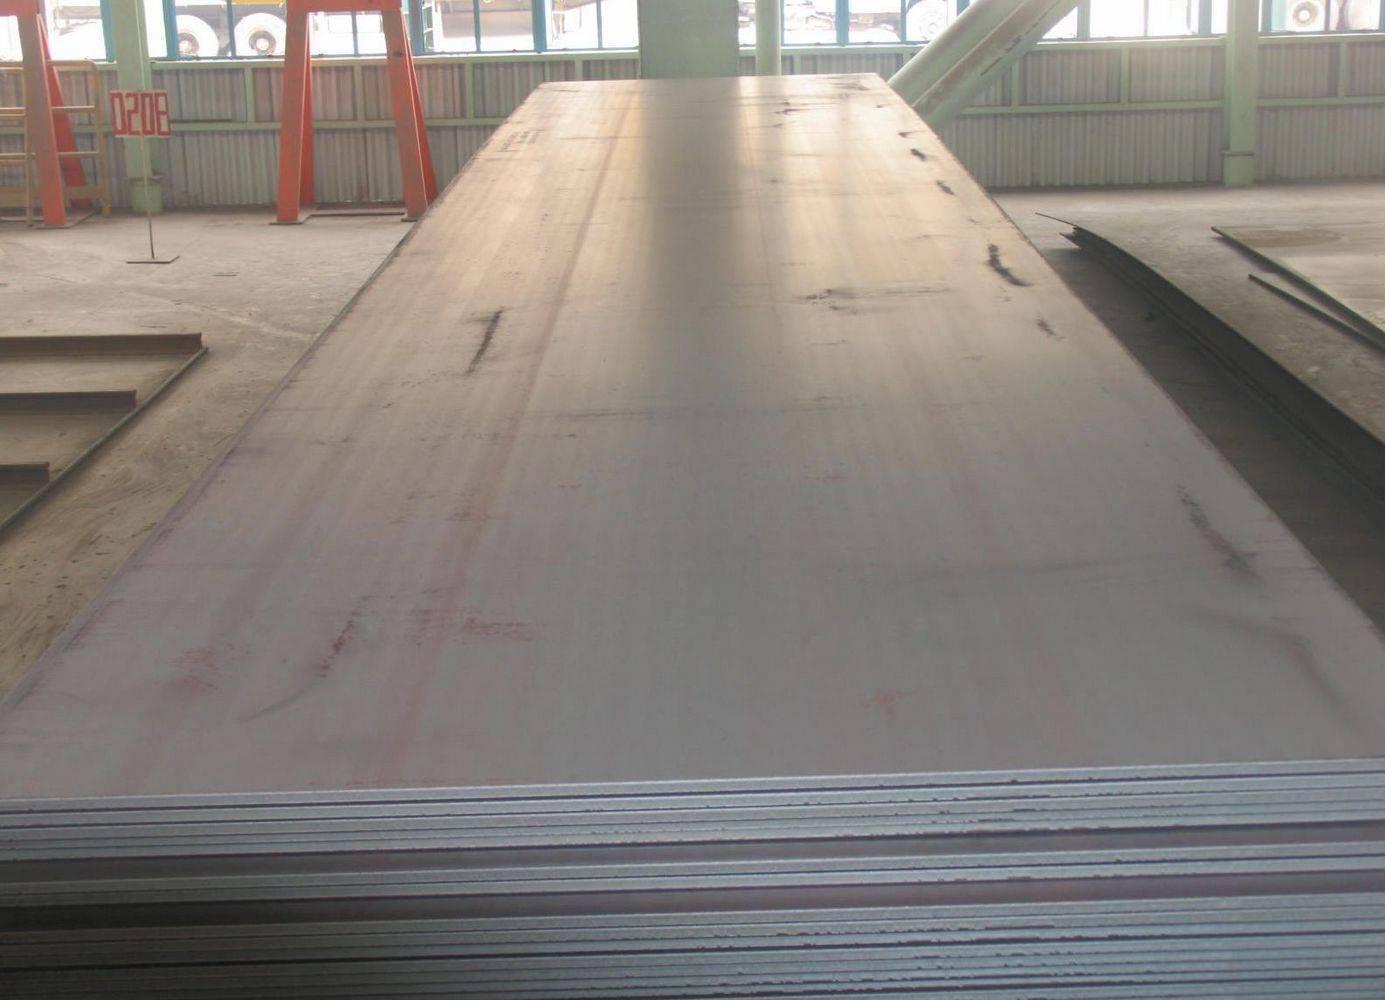 carbon steel s45c / ck45 / 1045